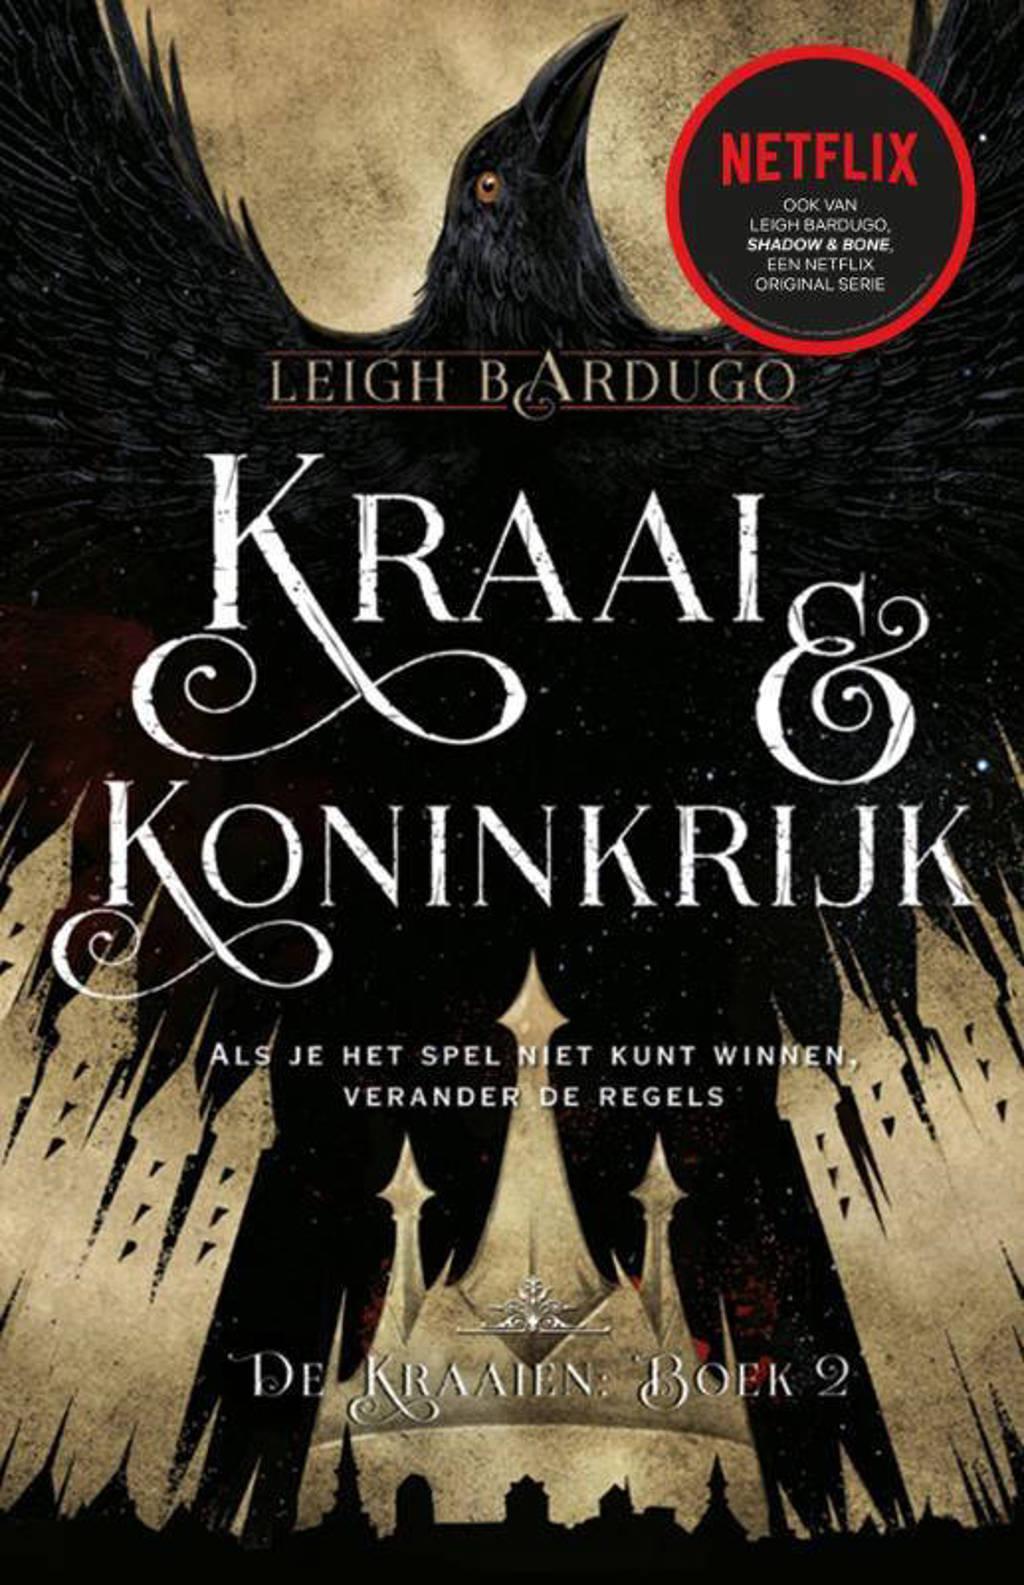 De kraaien: Kraai & Koninkrijk - Leigh Bardugo